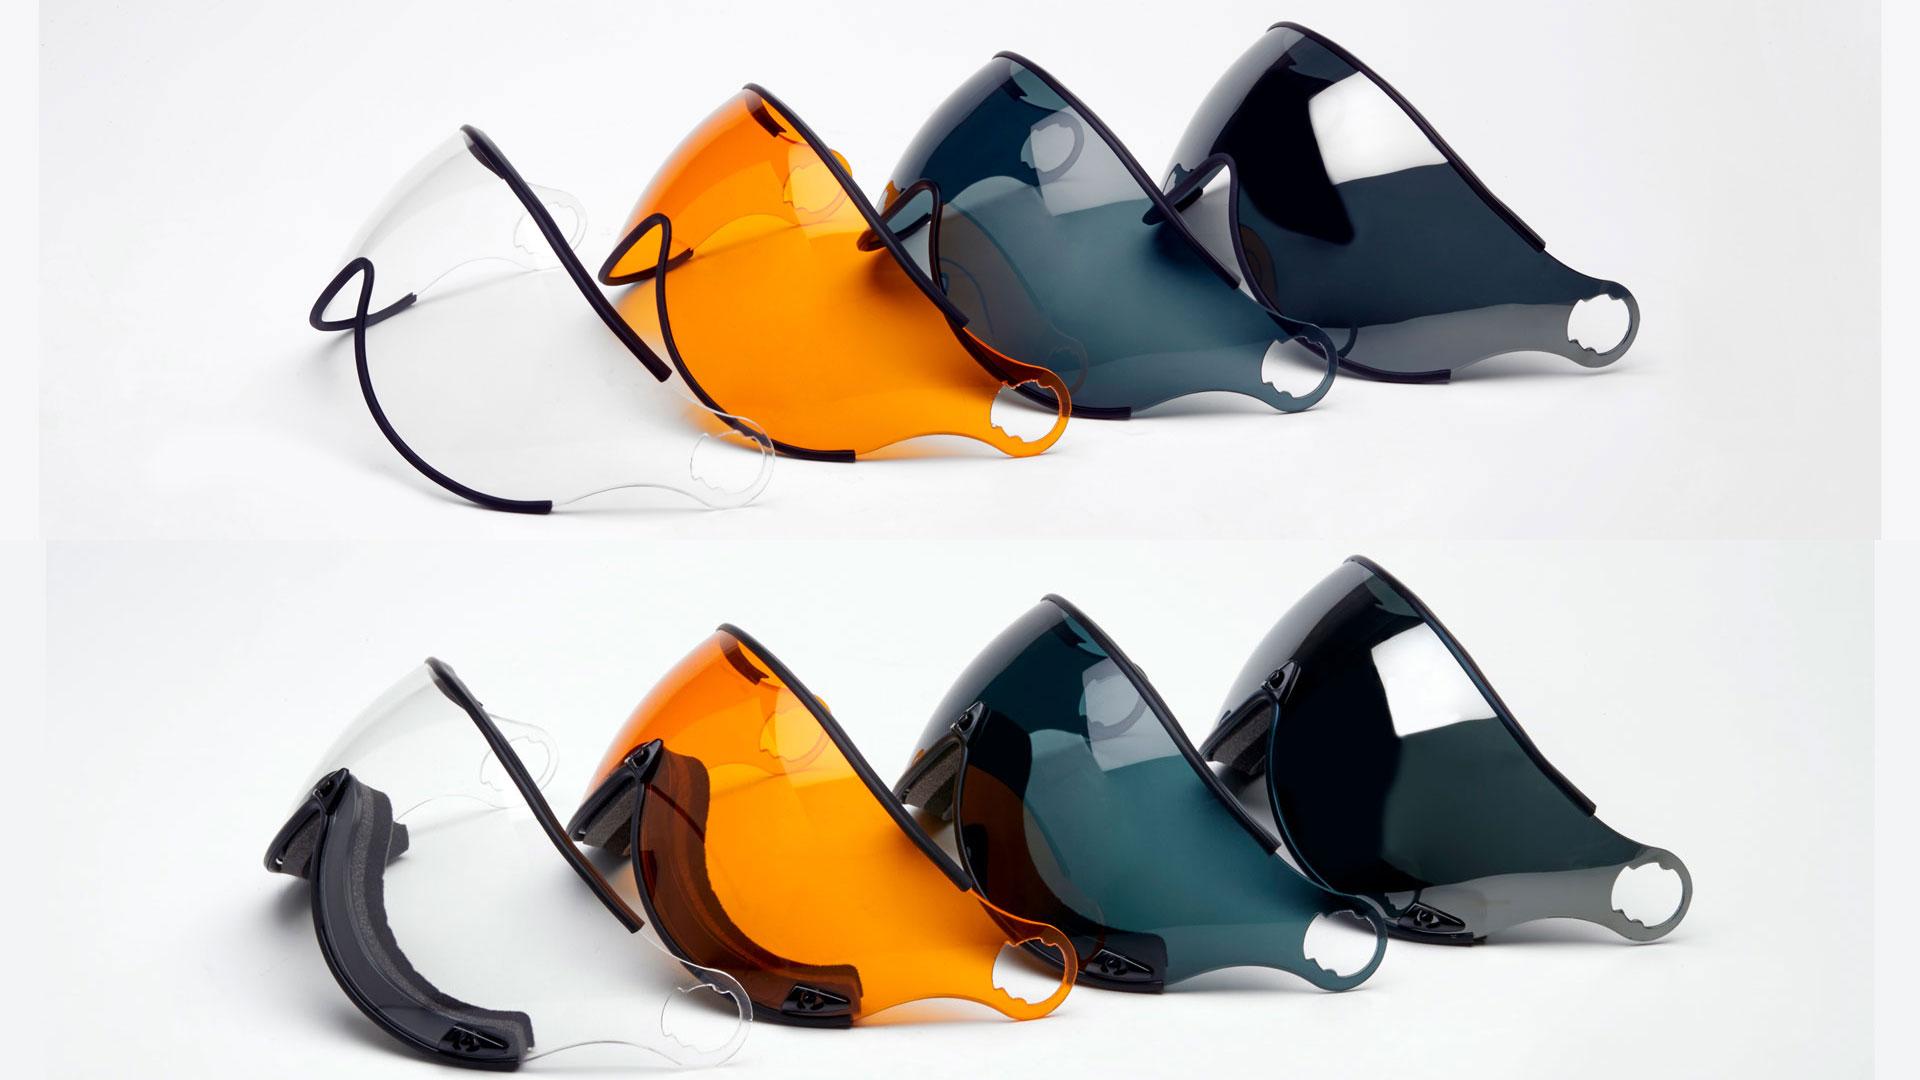 UVカット、曇り止め及び傷つき防止加工付きバイザー。風巻き込み防止のエアプロテクションフォームも取付可能。